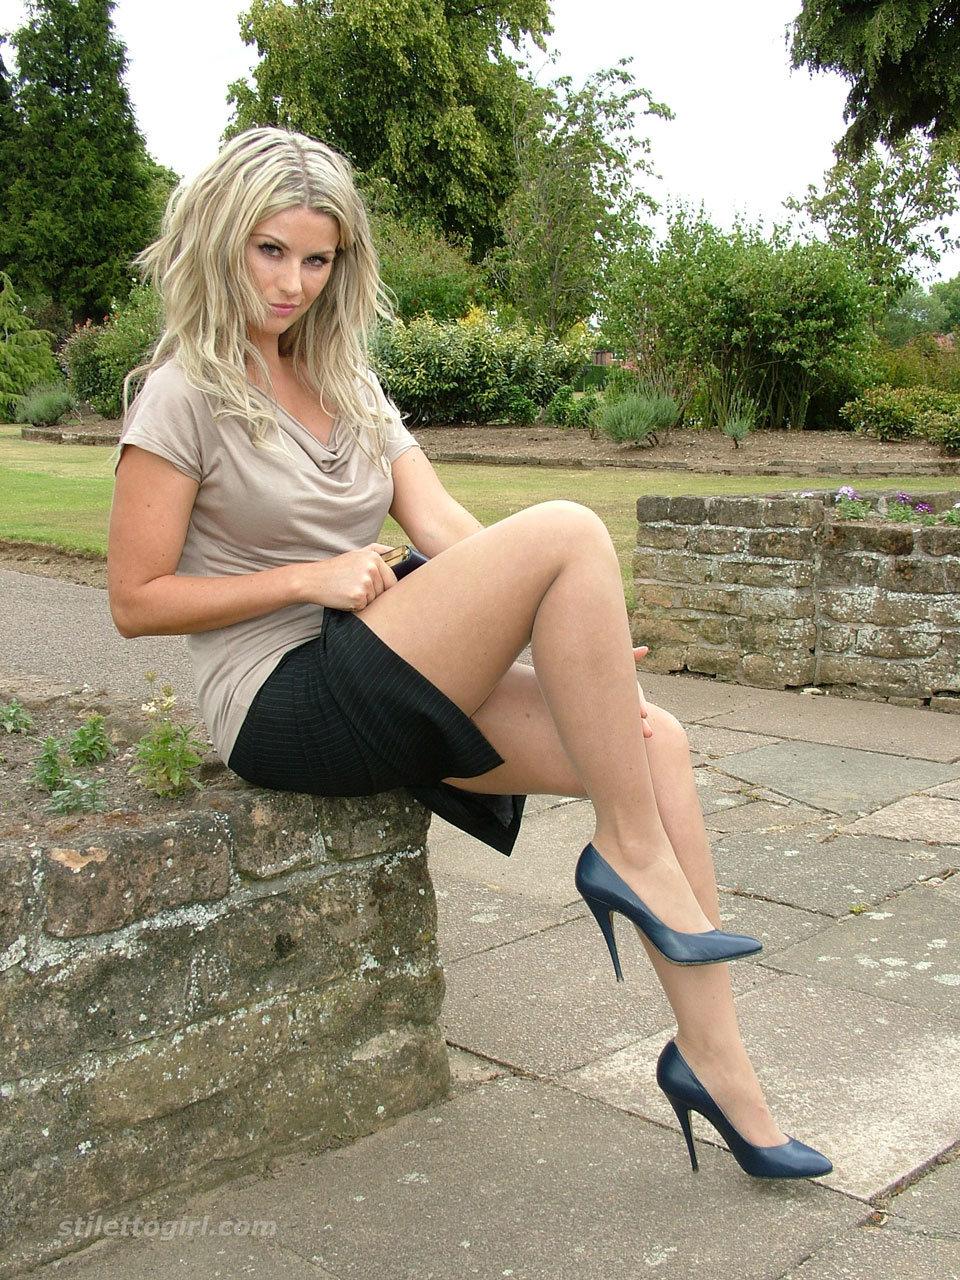 blonde-legs-heels-gallery-free